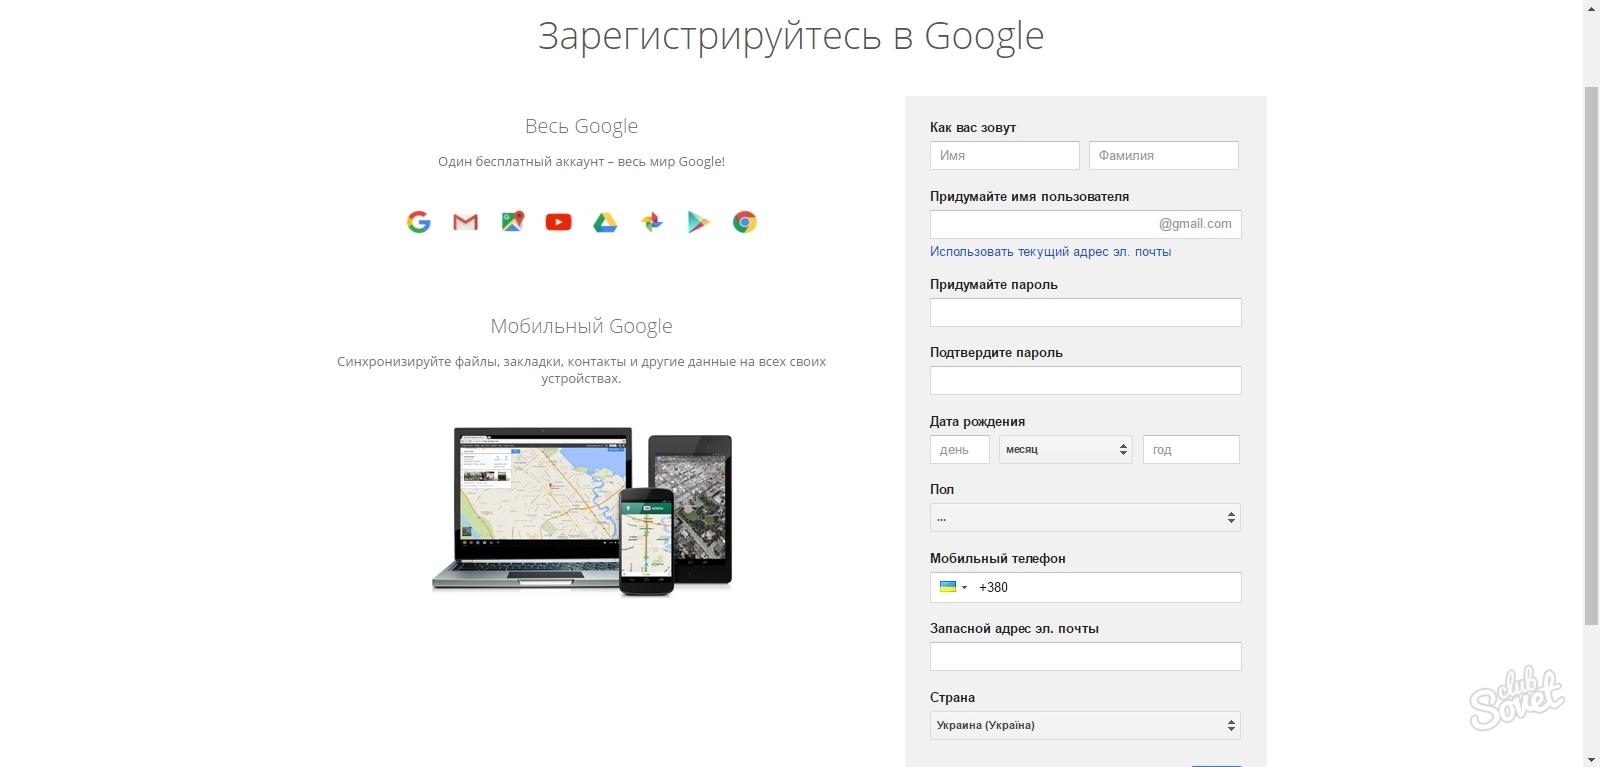 Как войти в аккаунт Гугл. Инструкция входа в аккаунт гугл. Как войти в аккаунт гугл: способы подключения, регистрации и выхода и